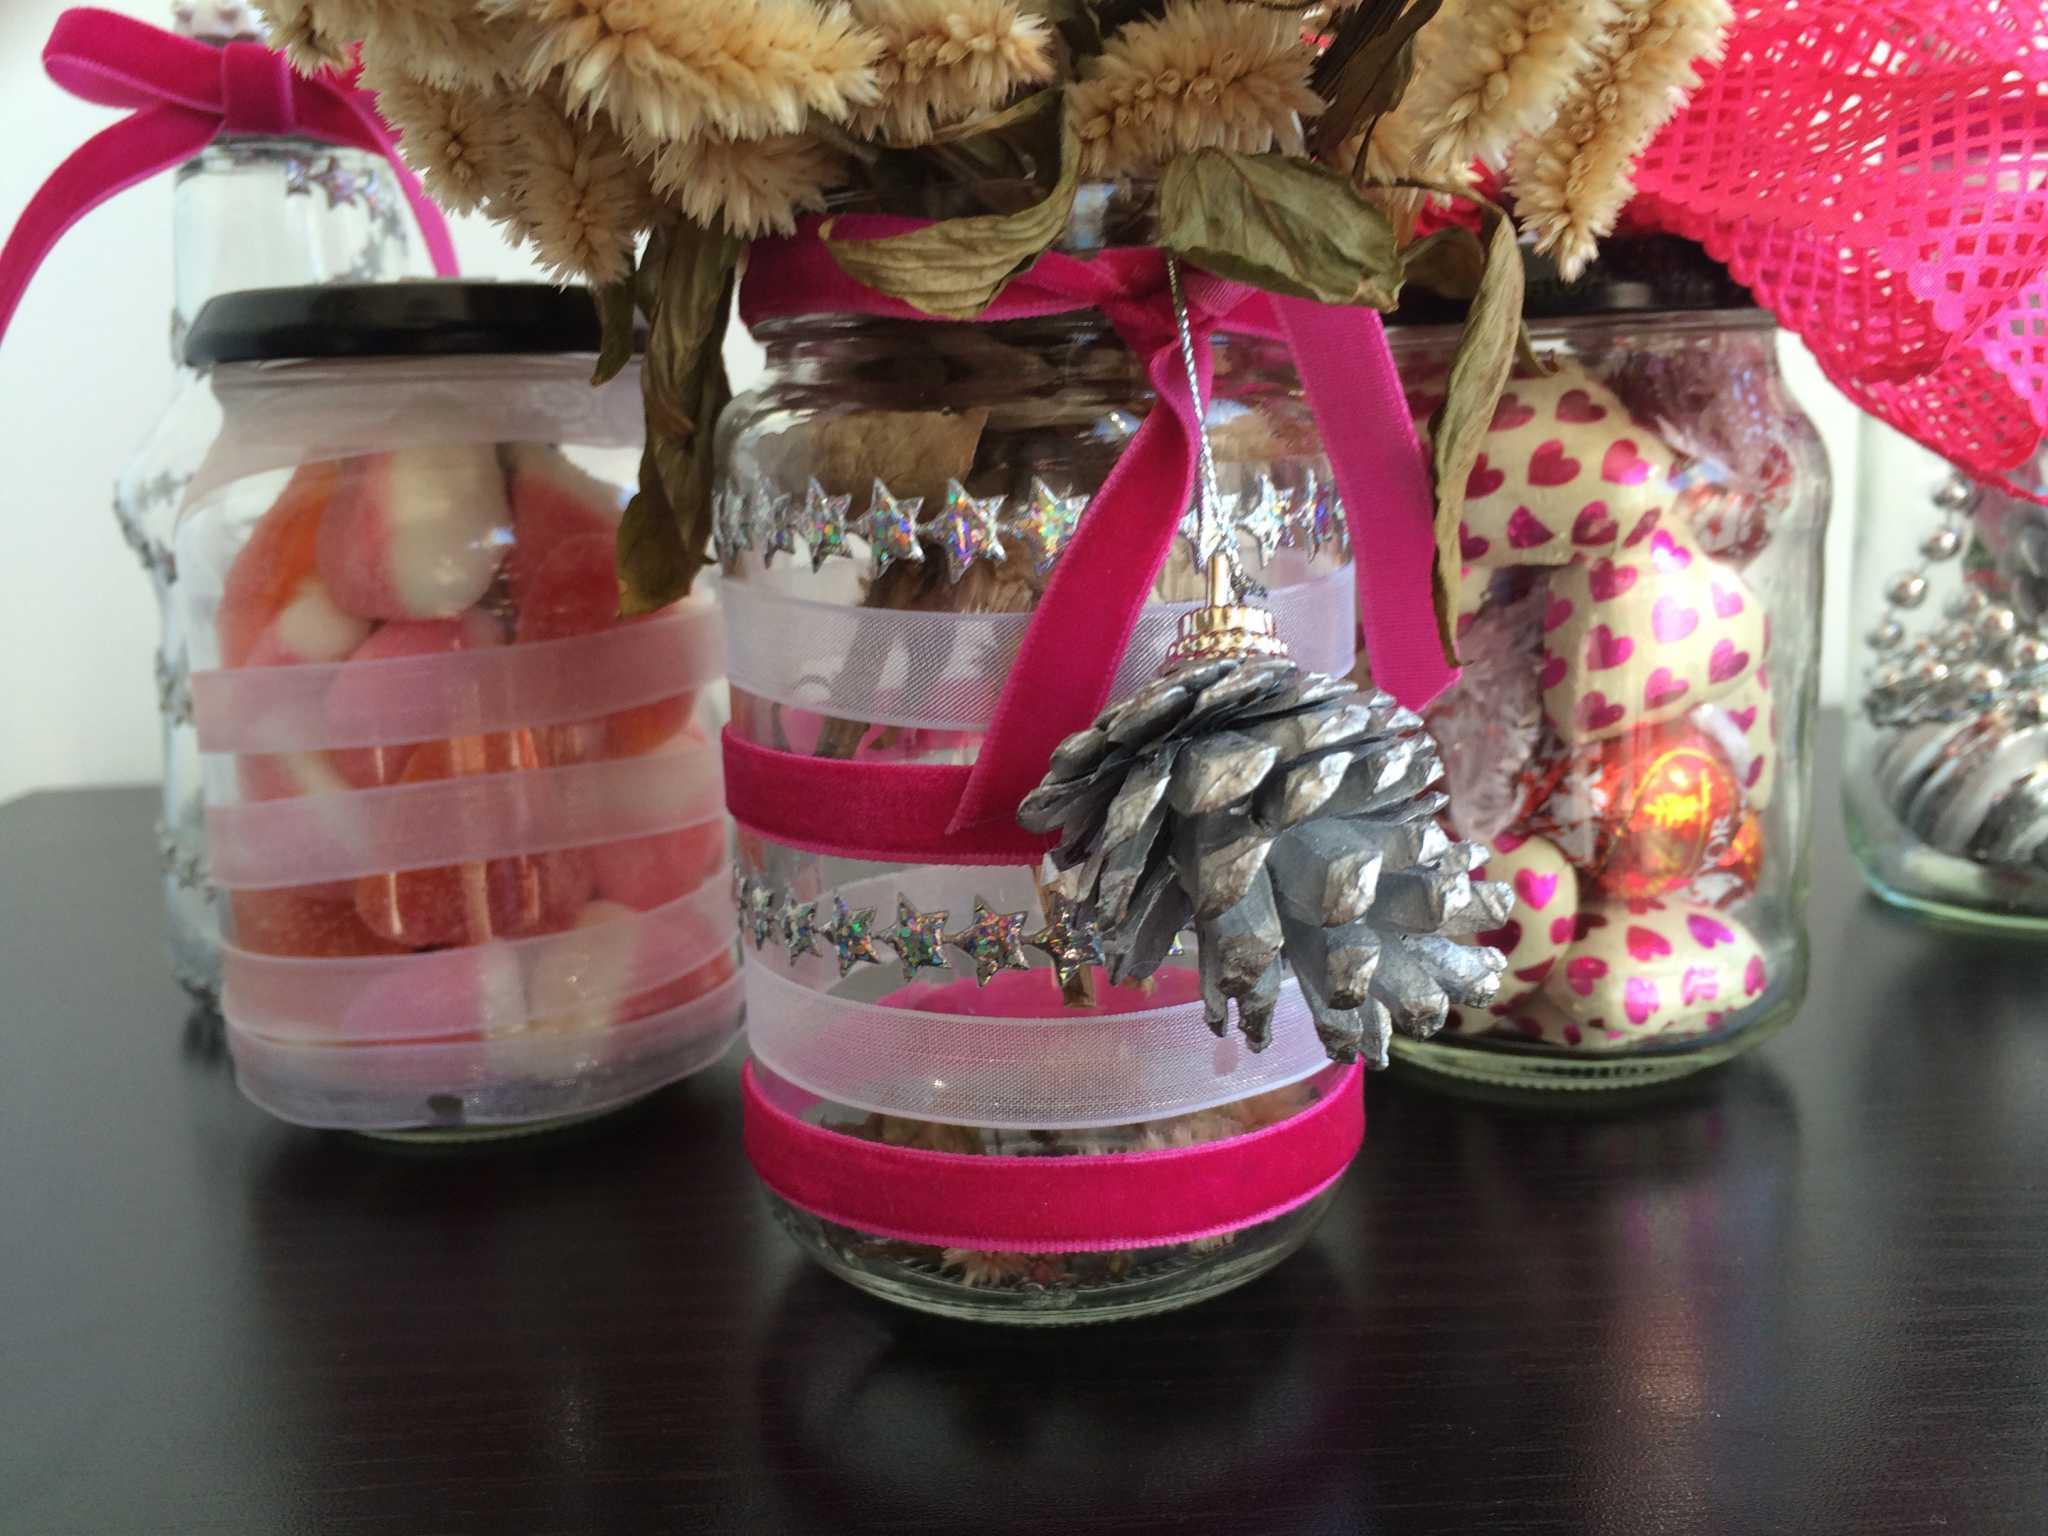 Vidros-decorados-para-natal Decoração de Natal DIY